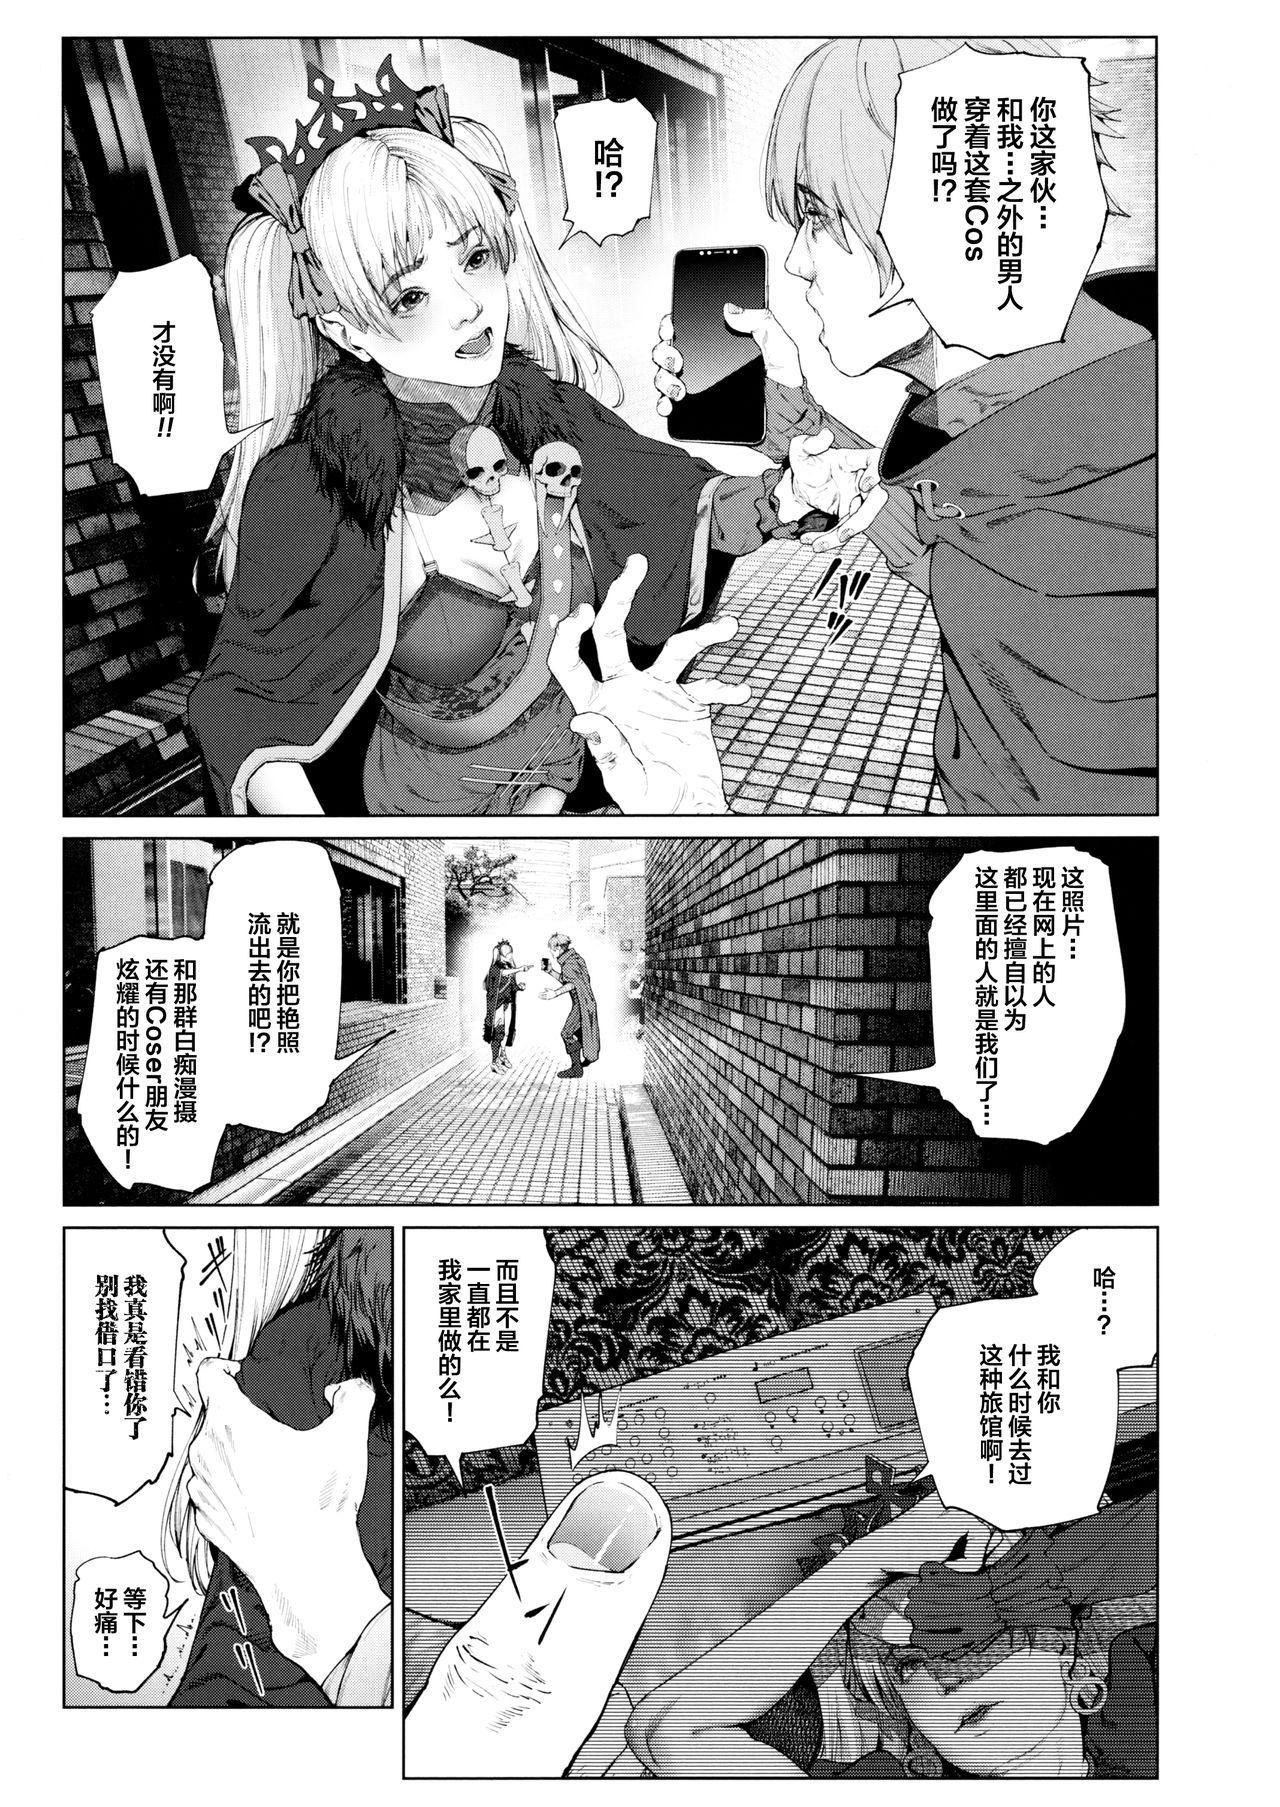 Cos wa Midara na Kamen Ninki Ikemen Layer no SeFri Ken Ishou Seisaku Tantou no Zoukei Layer wa Honmei Kanojo no Yume o Miru ka 27